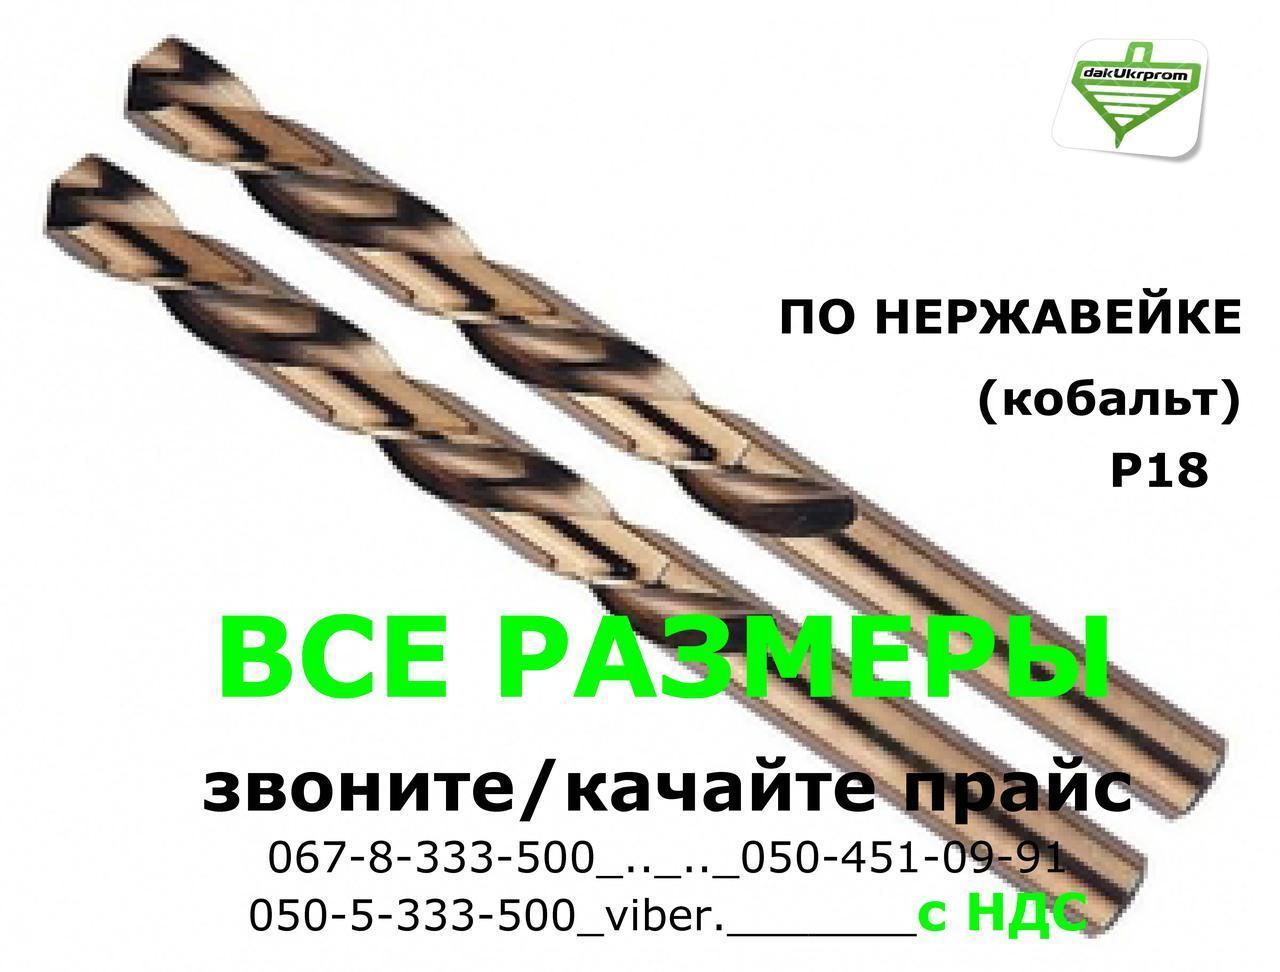 Сверло по нержавейке Р18 - 6,1 мм, (кобальт) промышленного назначения ГОСТ-10902 (DIN338 G-Co)